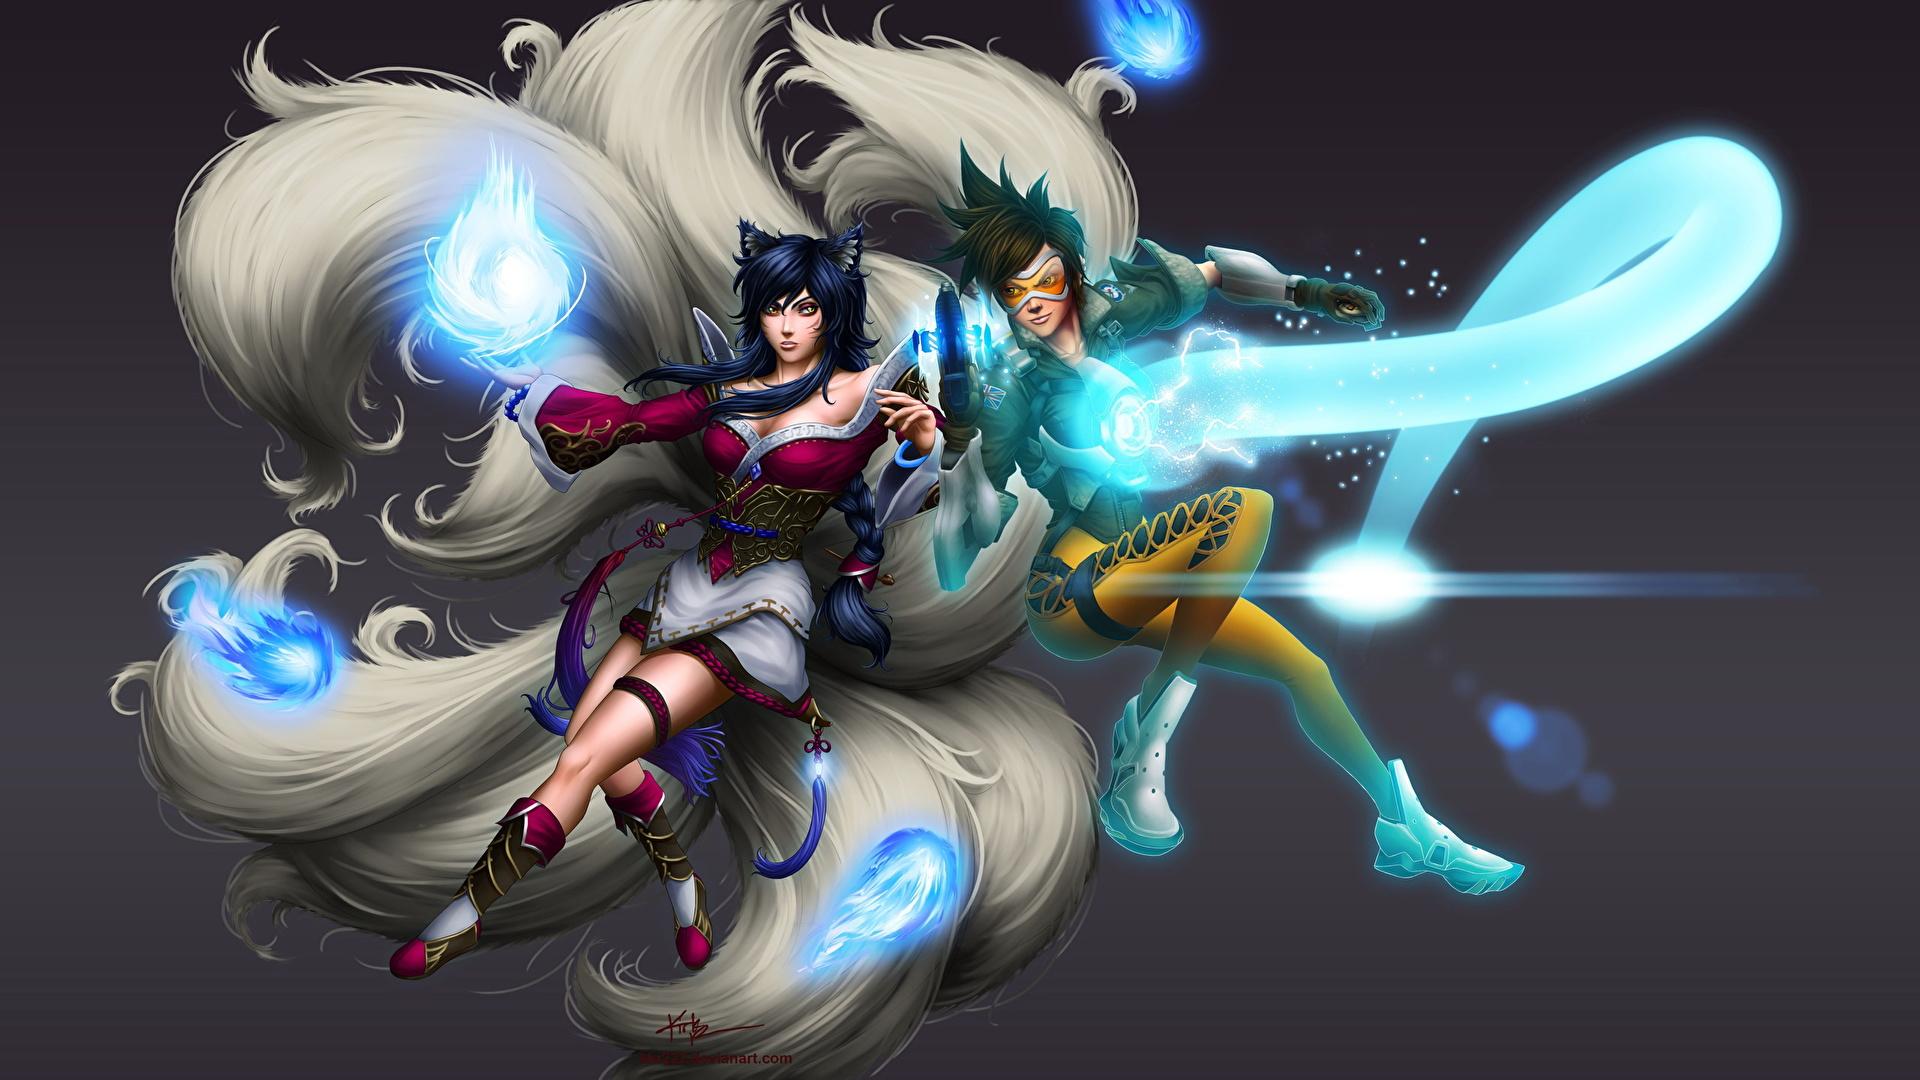 Fotos Von Ahri Overwatch League Of Legends Magie Tracer